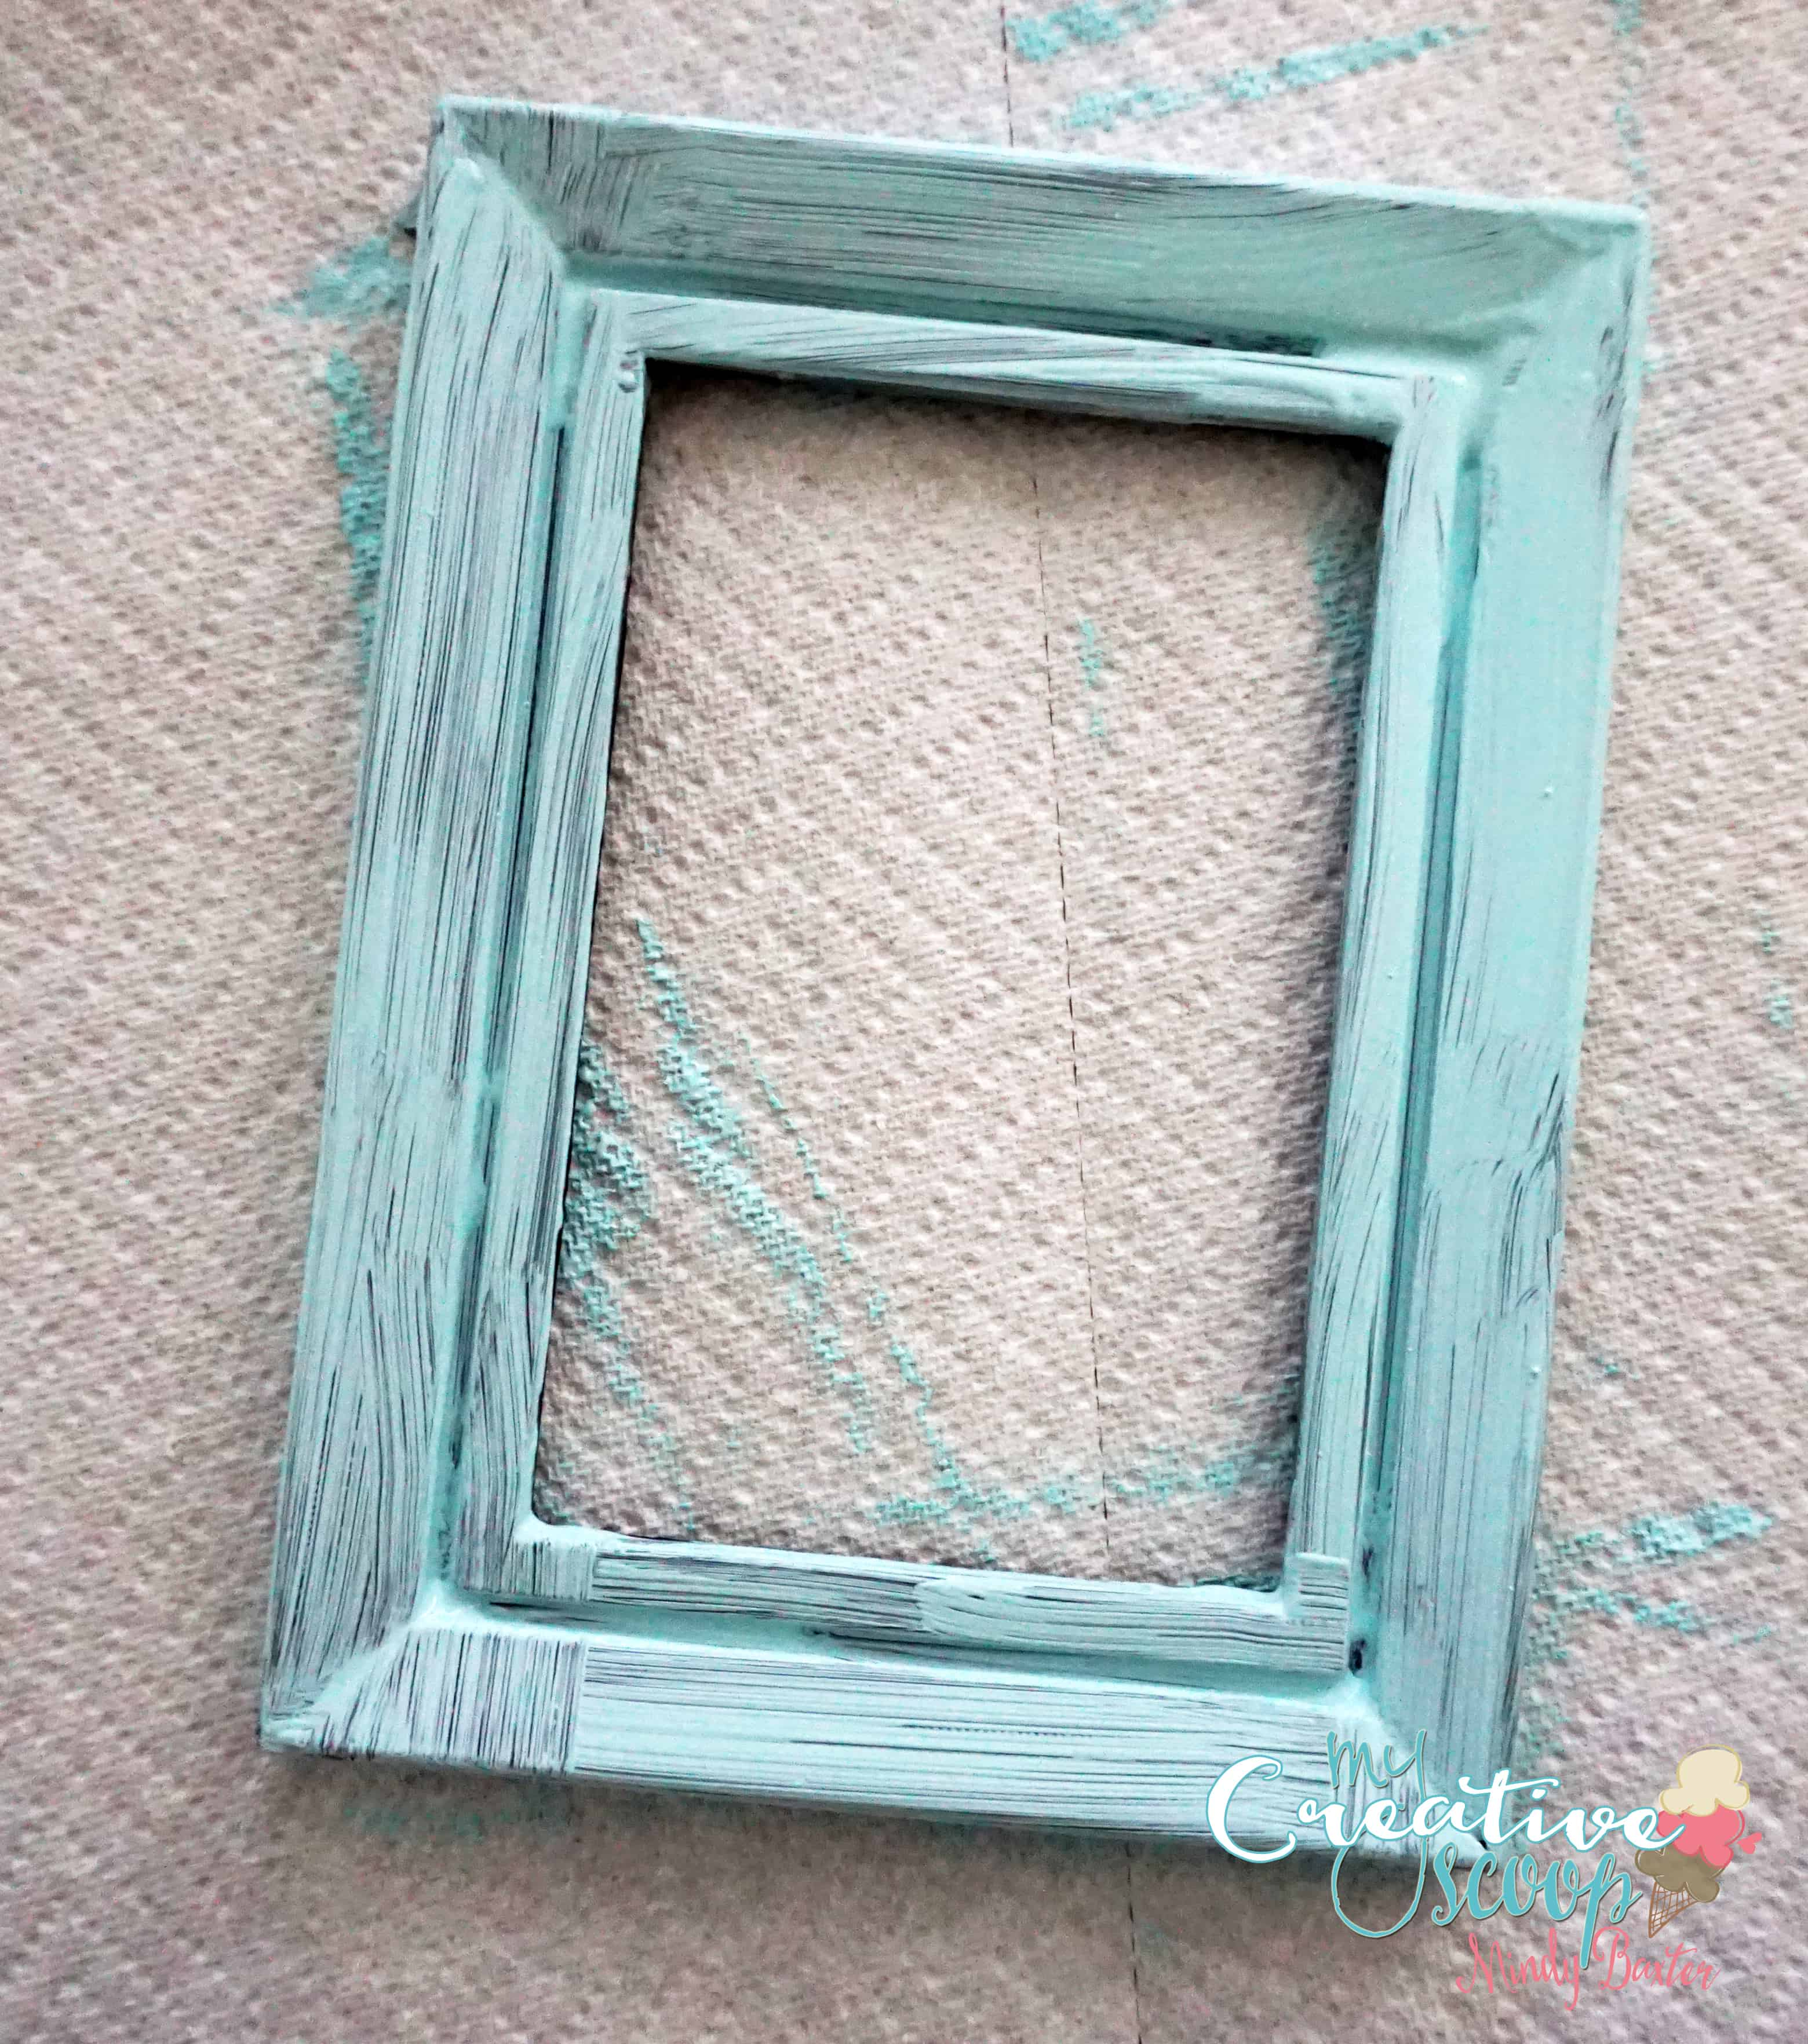 diy chalkboard burlap frame 4 - Diy Chalkboard Frame